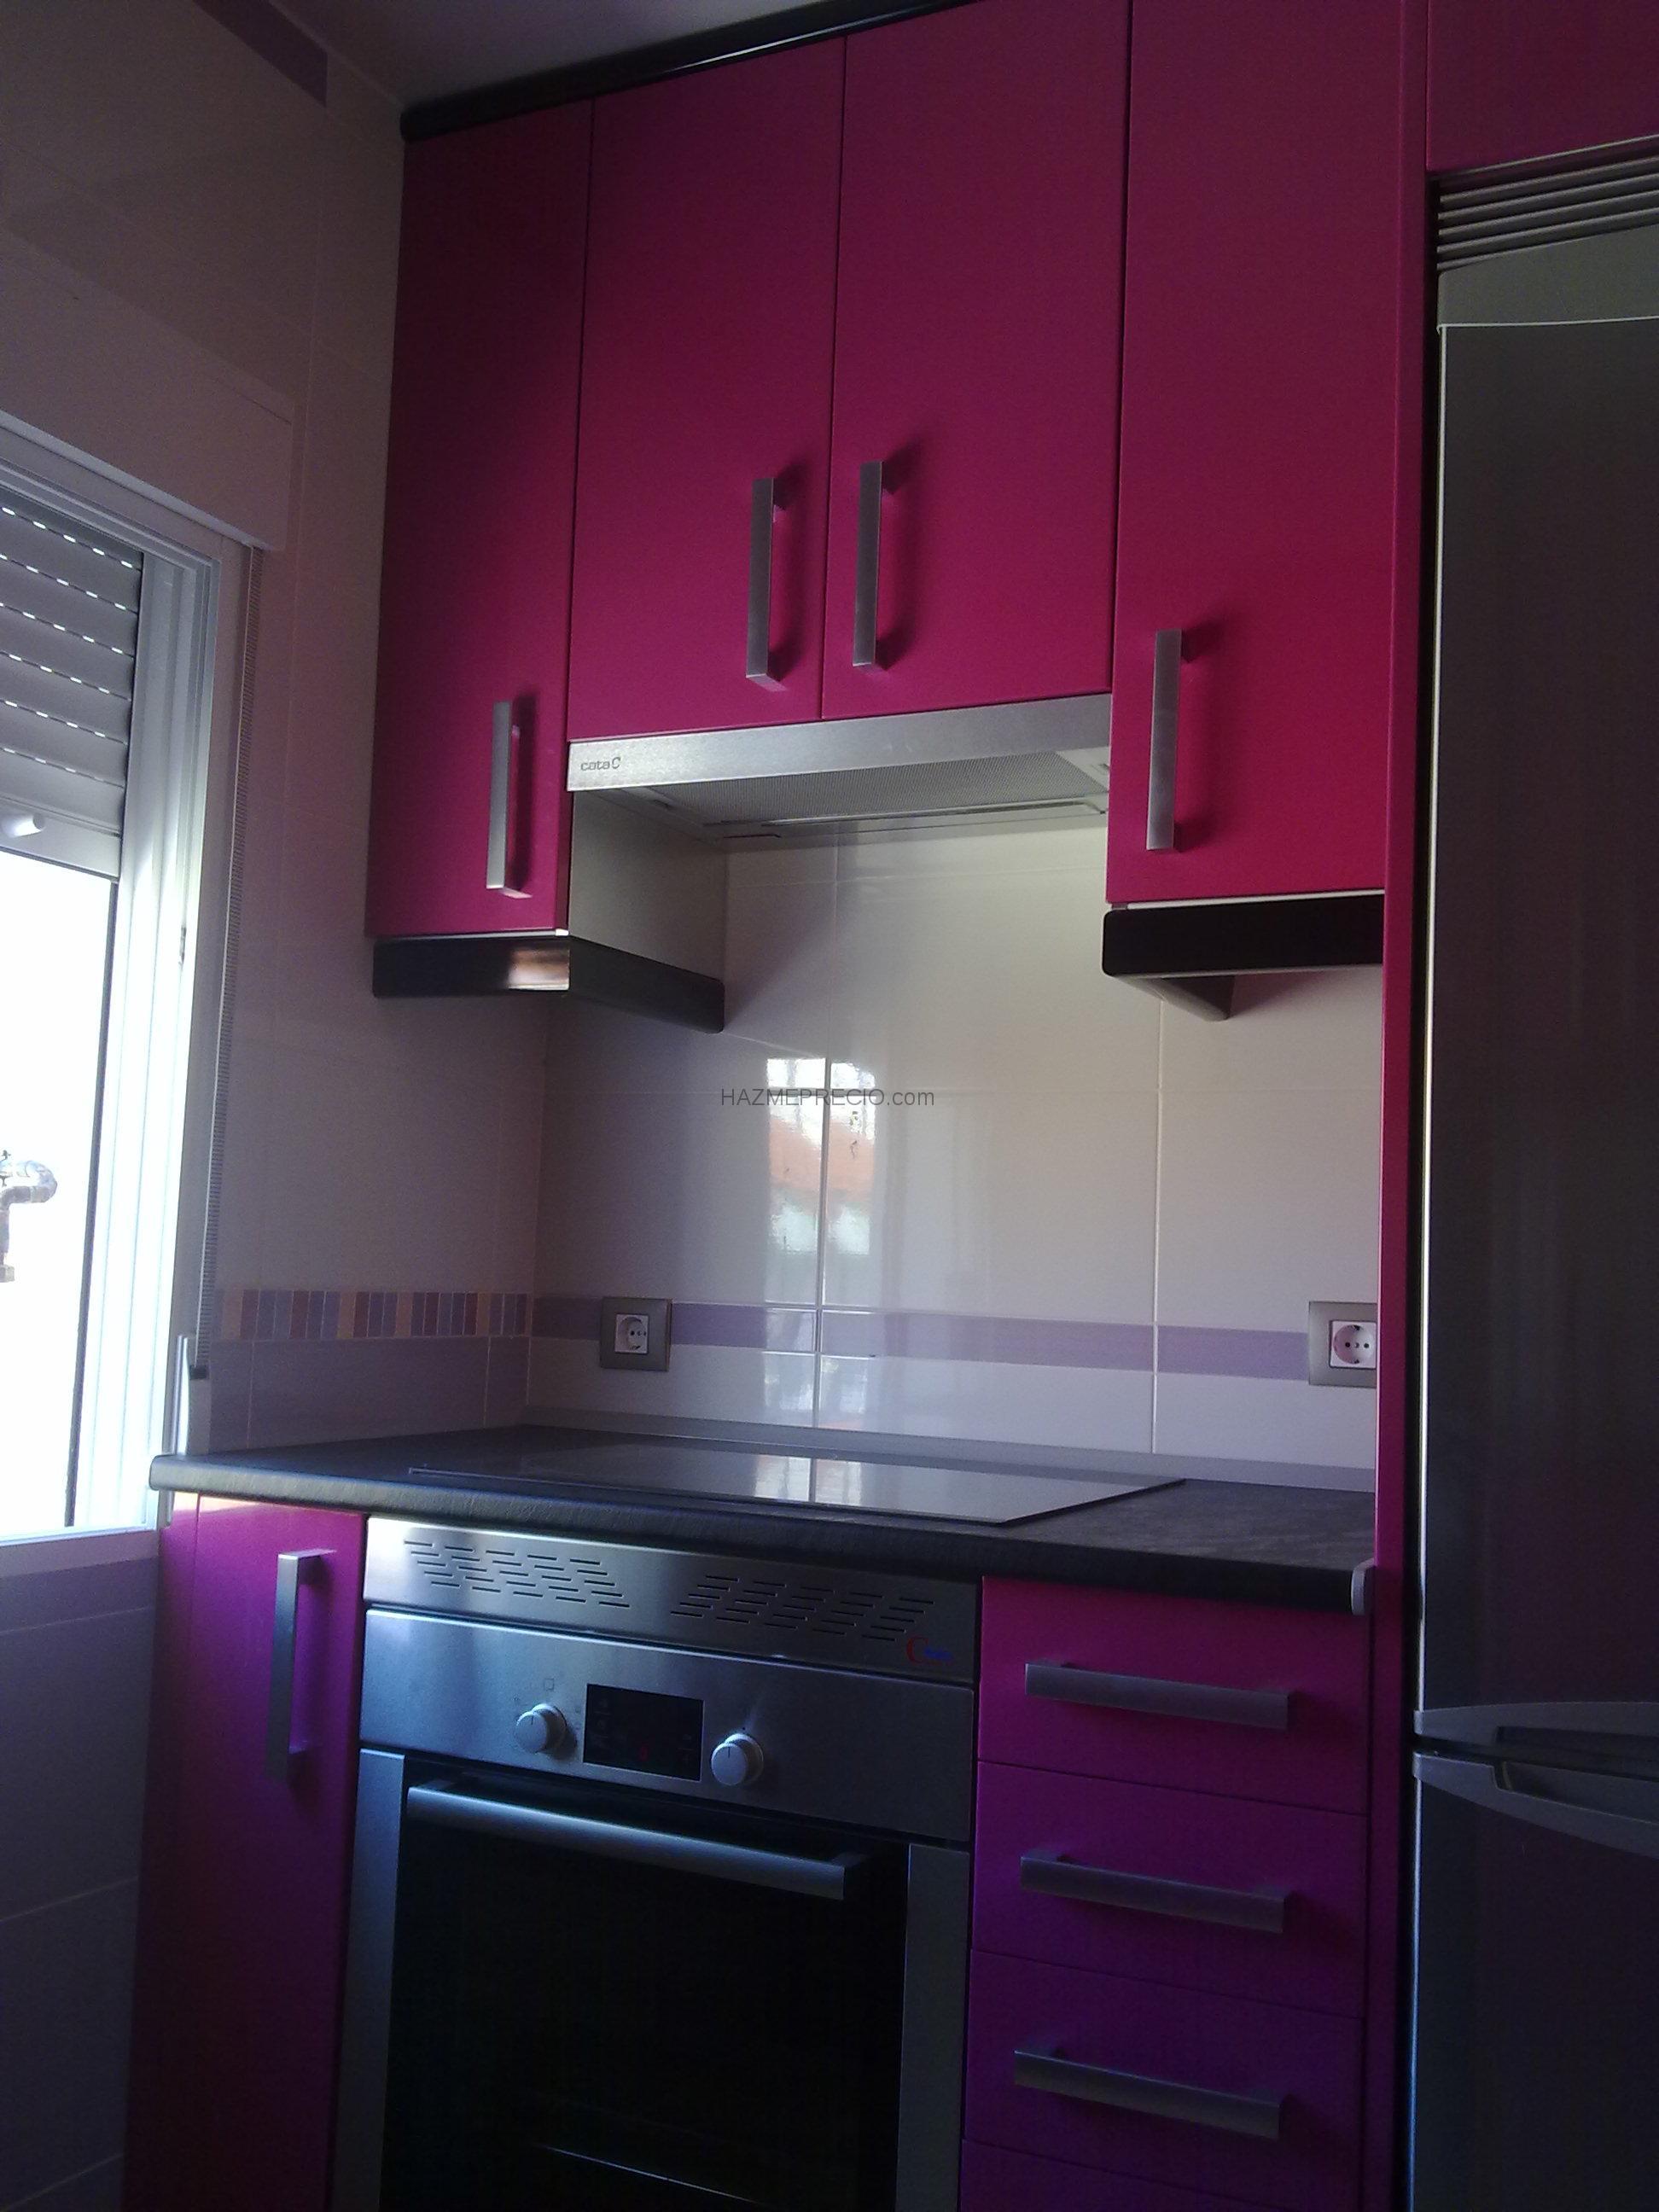 Muebles de cocina eurolar 28018 madrid madrid for Amueblamiento de cocinas